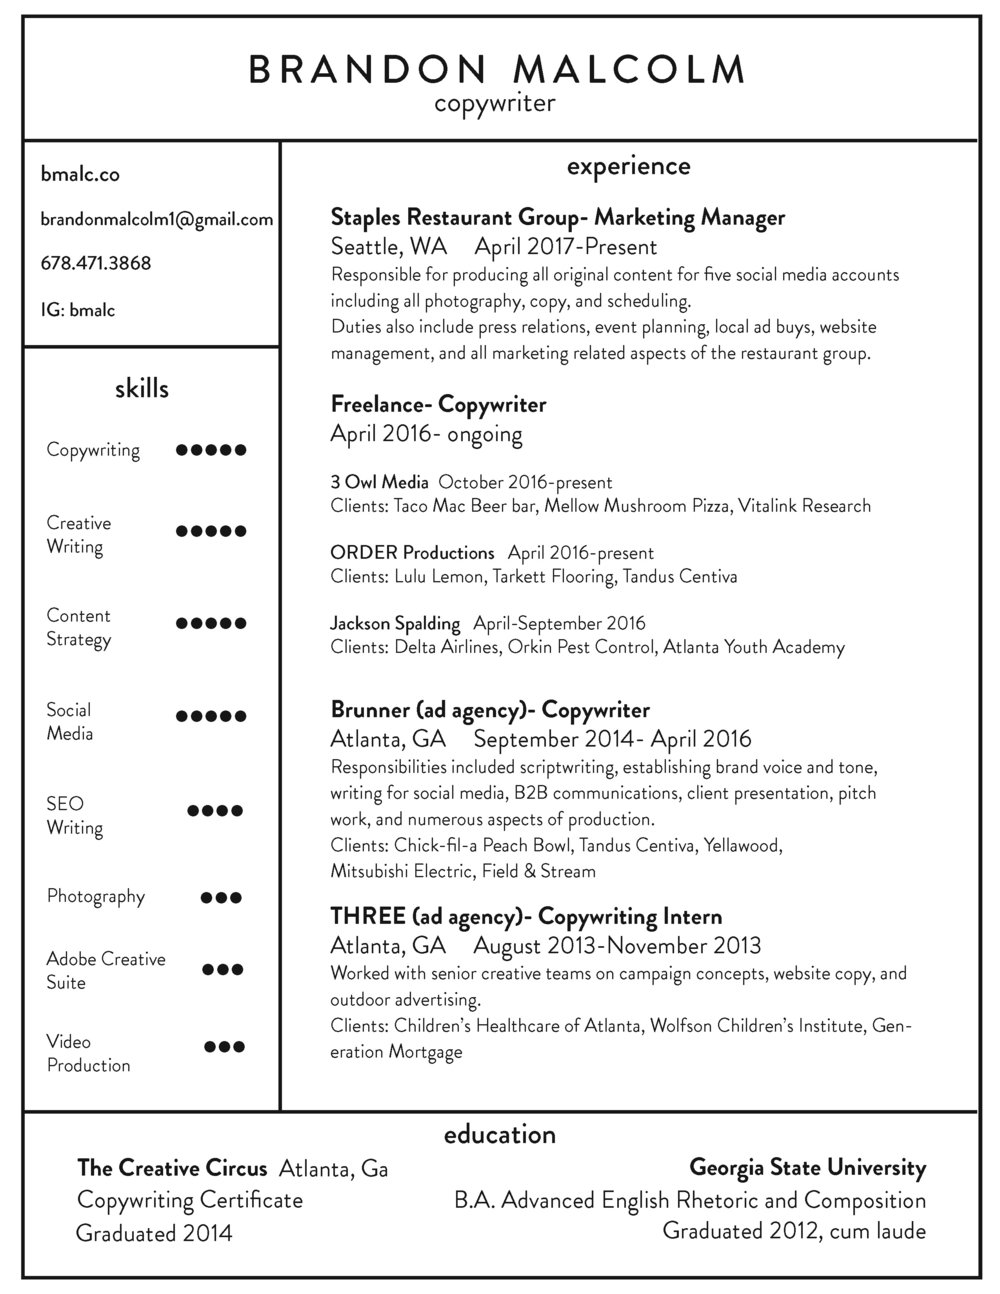 BrandonMalcolm-resume.jpg